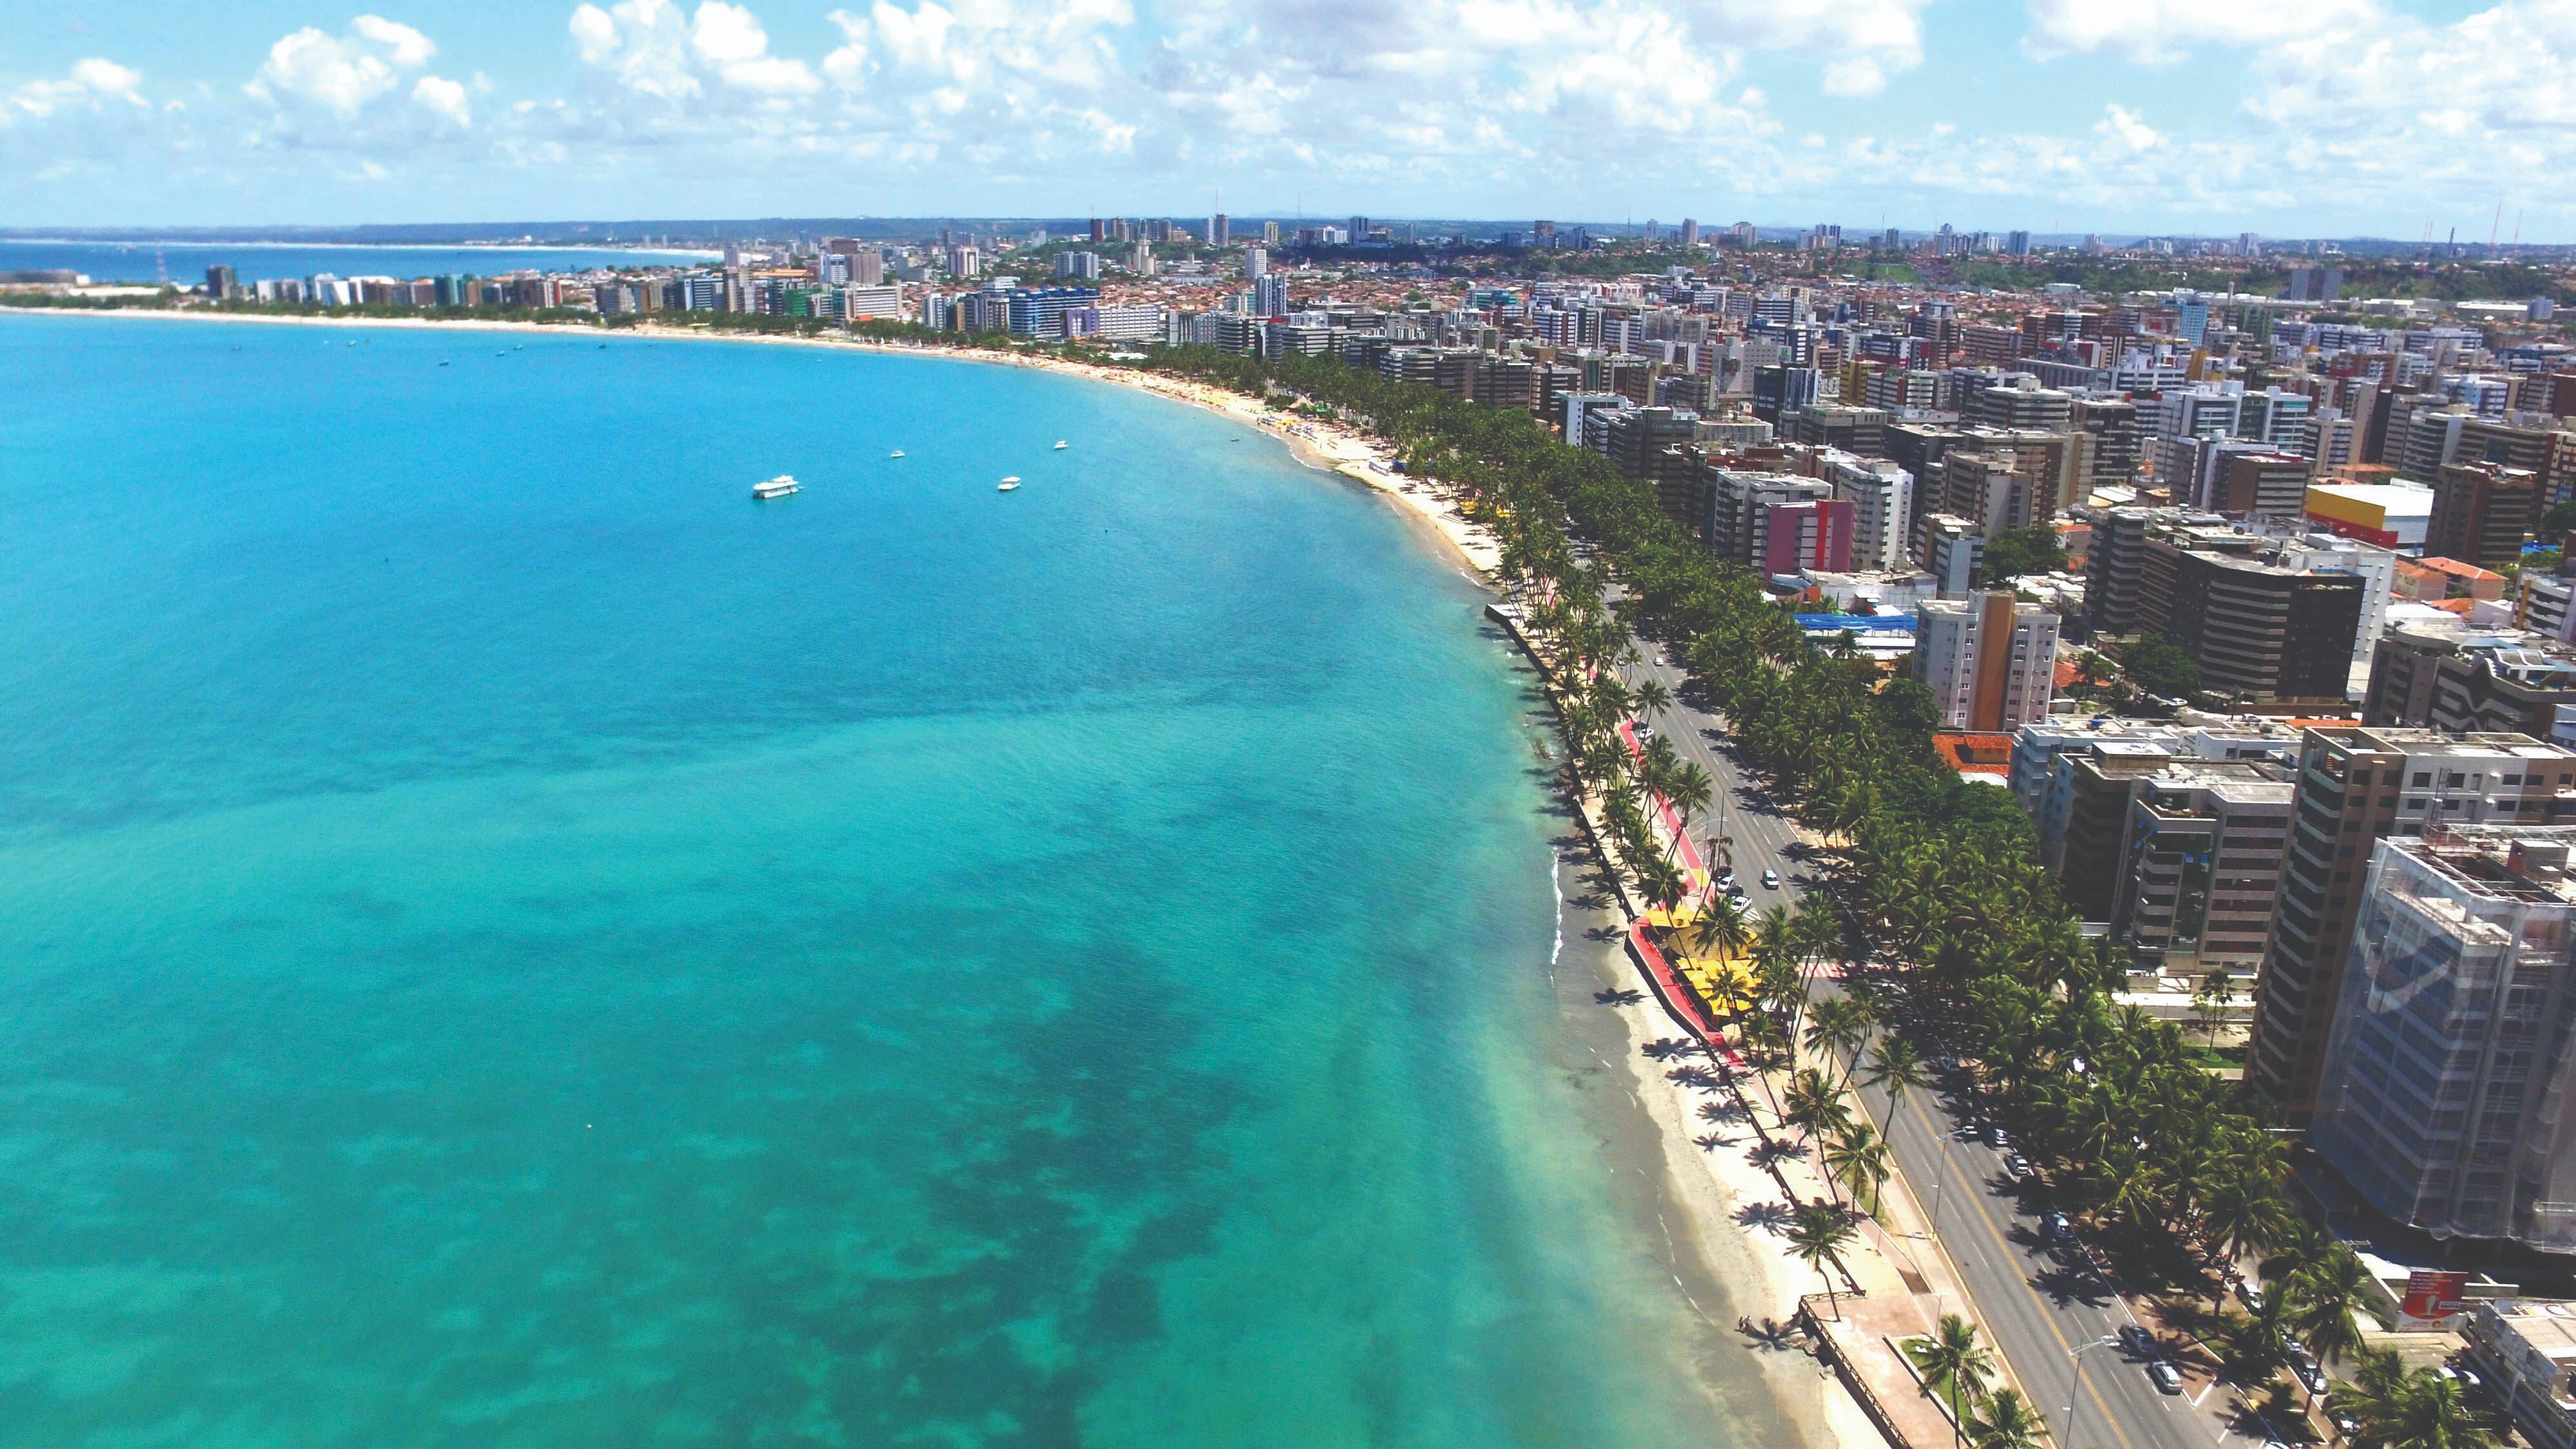 As 10 melhores cidades brasileiras para abrir um negócio, segundo consultoria Goakira